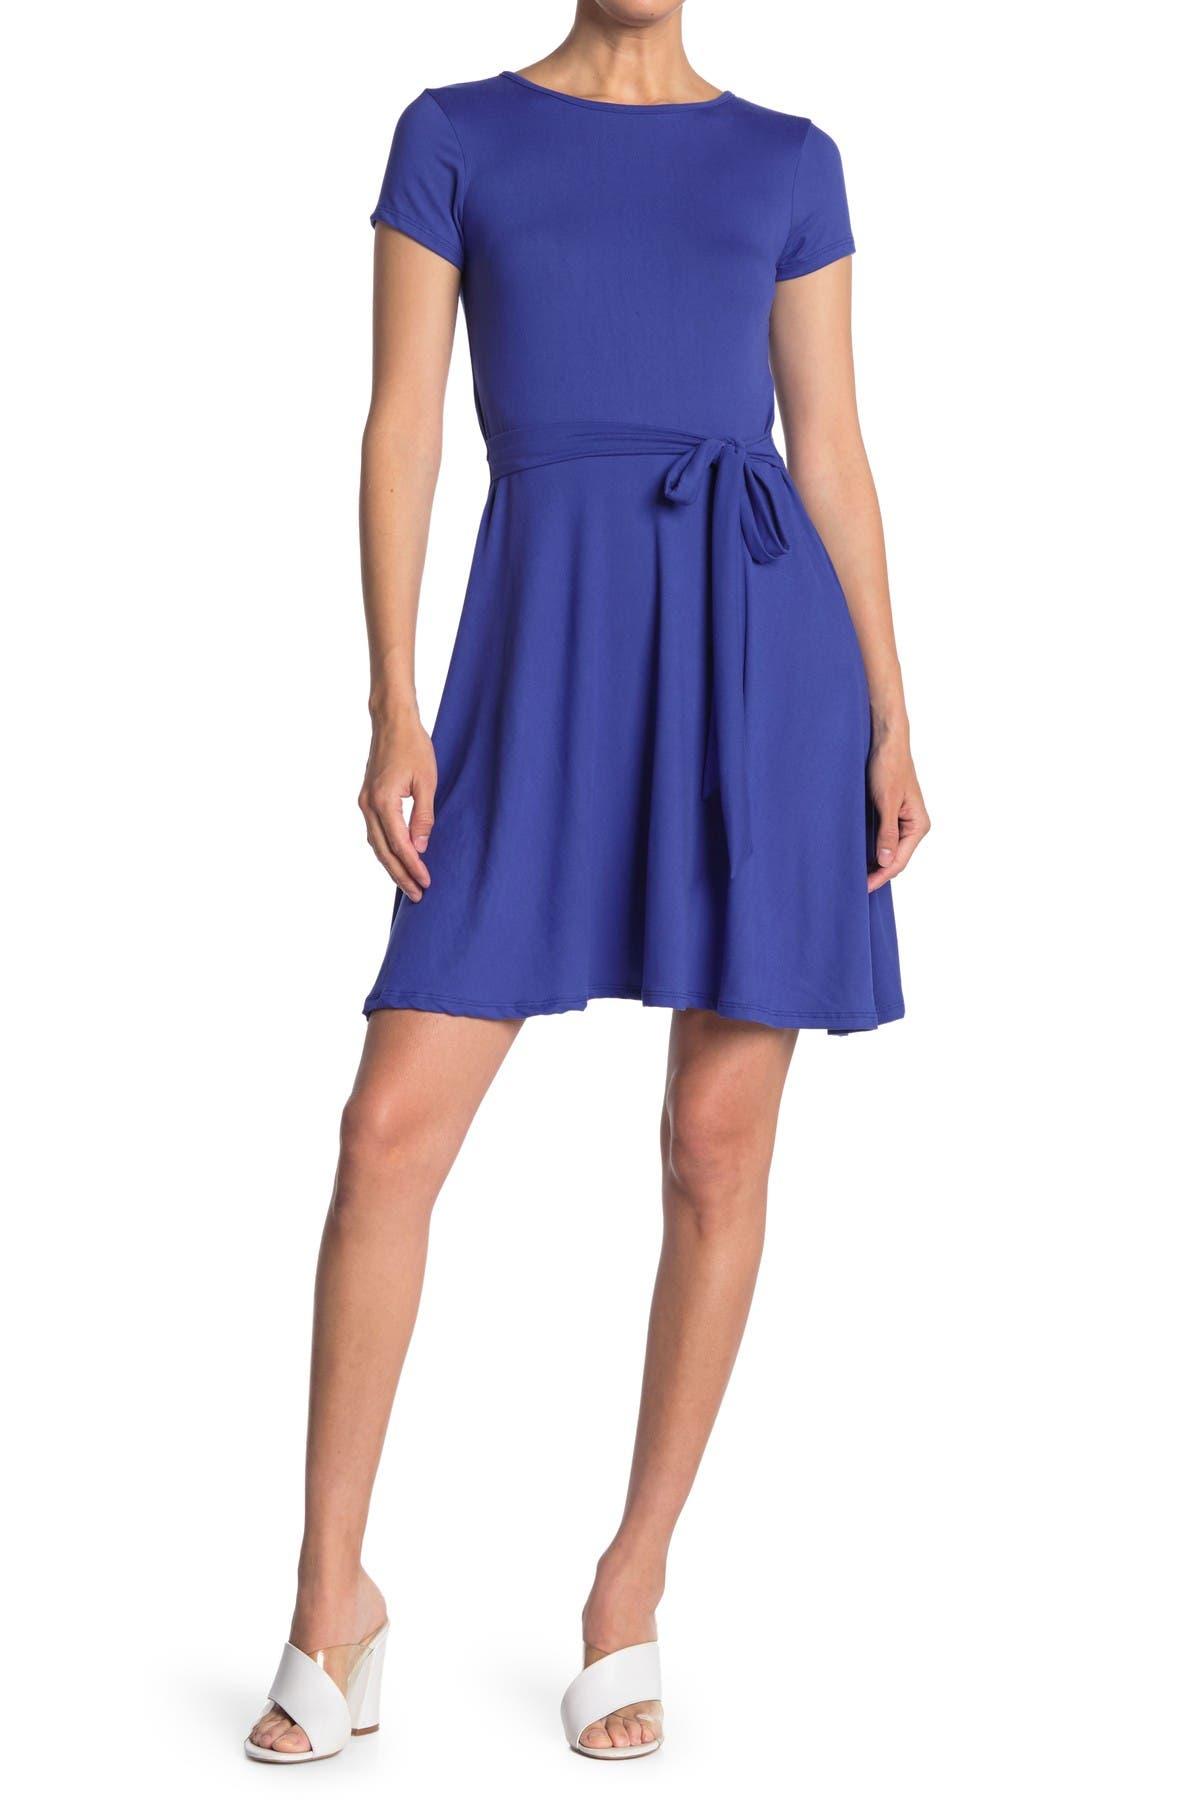 Image of Velvet Torch Short Sleeve Skater Dress